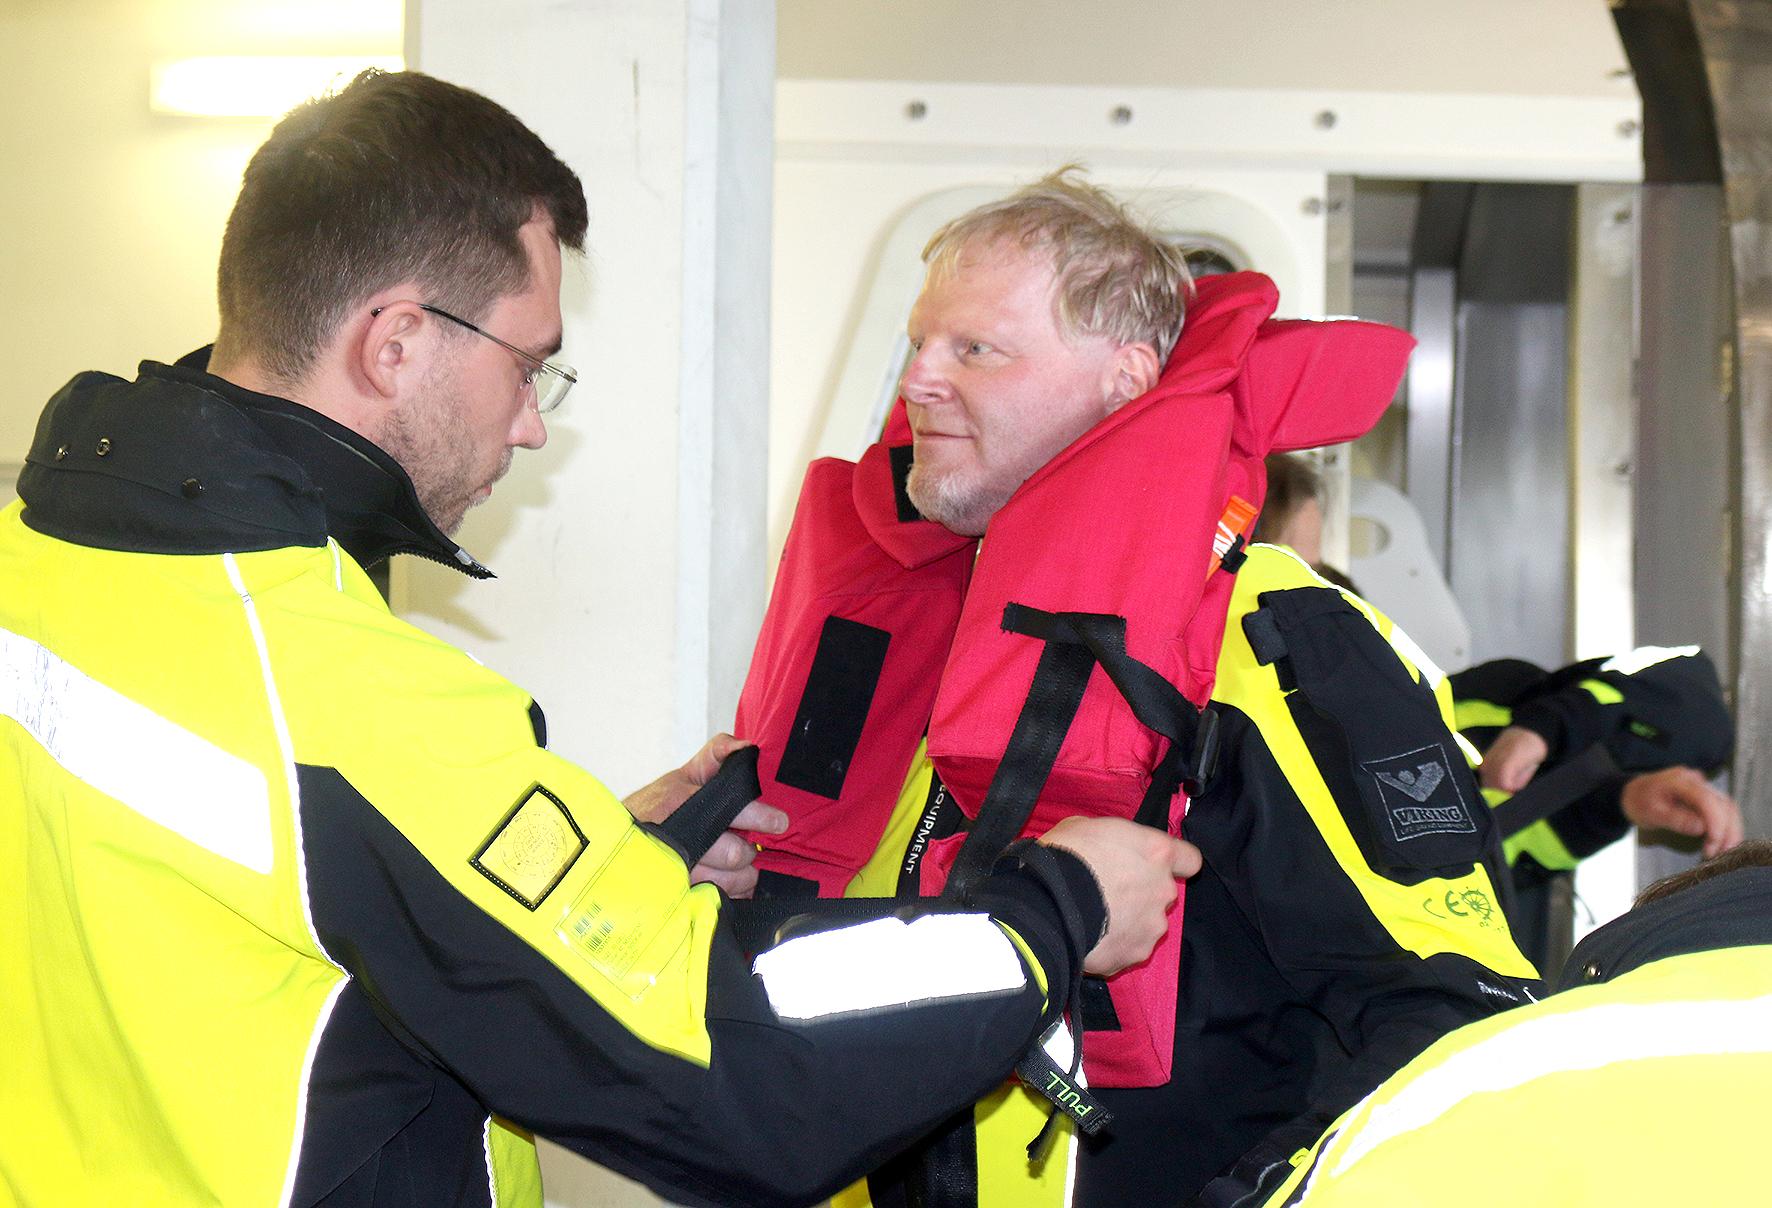 Ein Mann legt einem anderen eine Rettungsweste an.